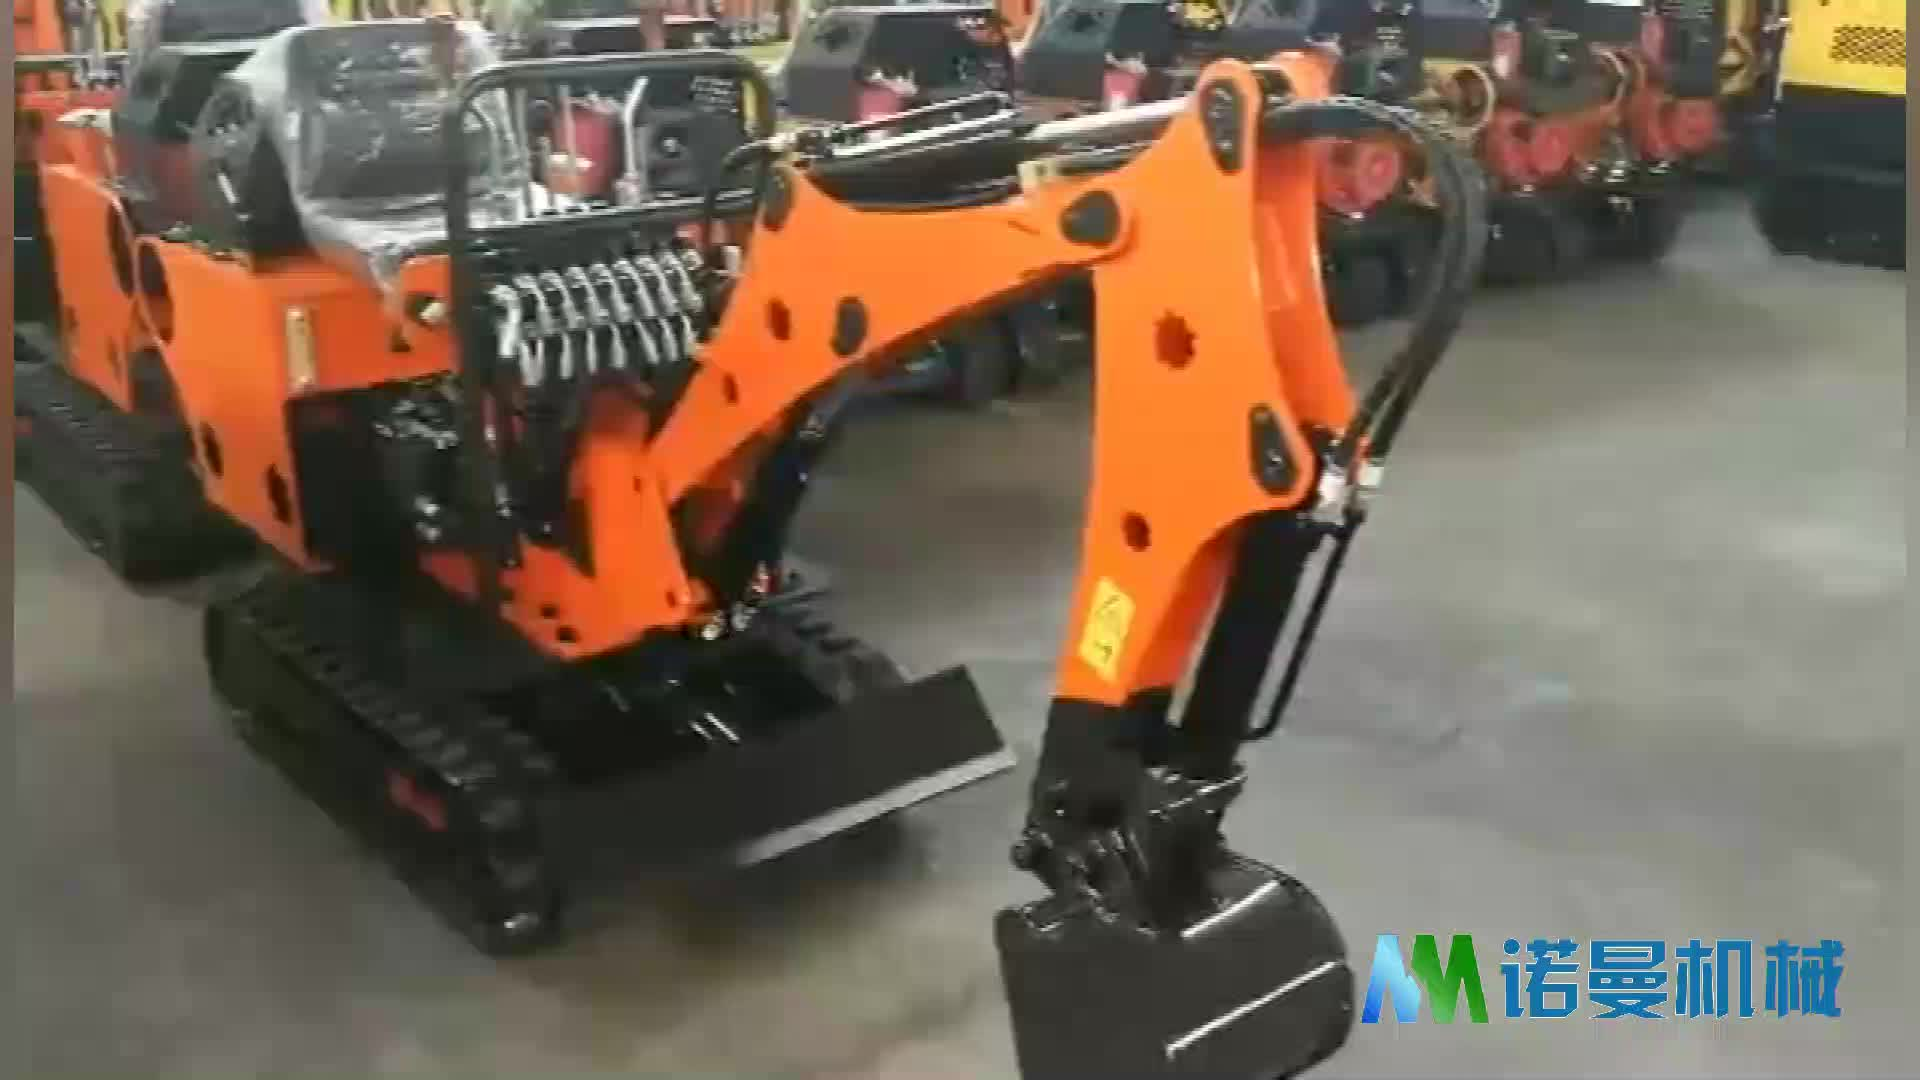 Nt08 Nt10 910kg mini escavadeira 820kg novos produtos pequeno